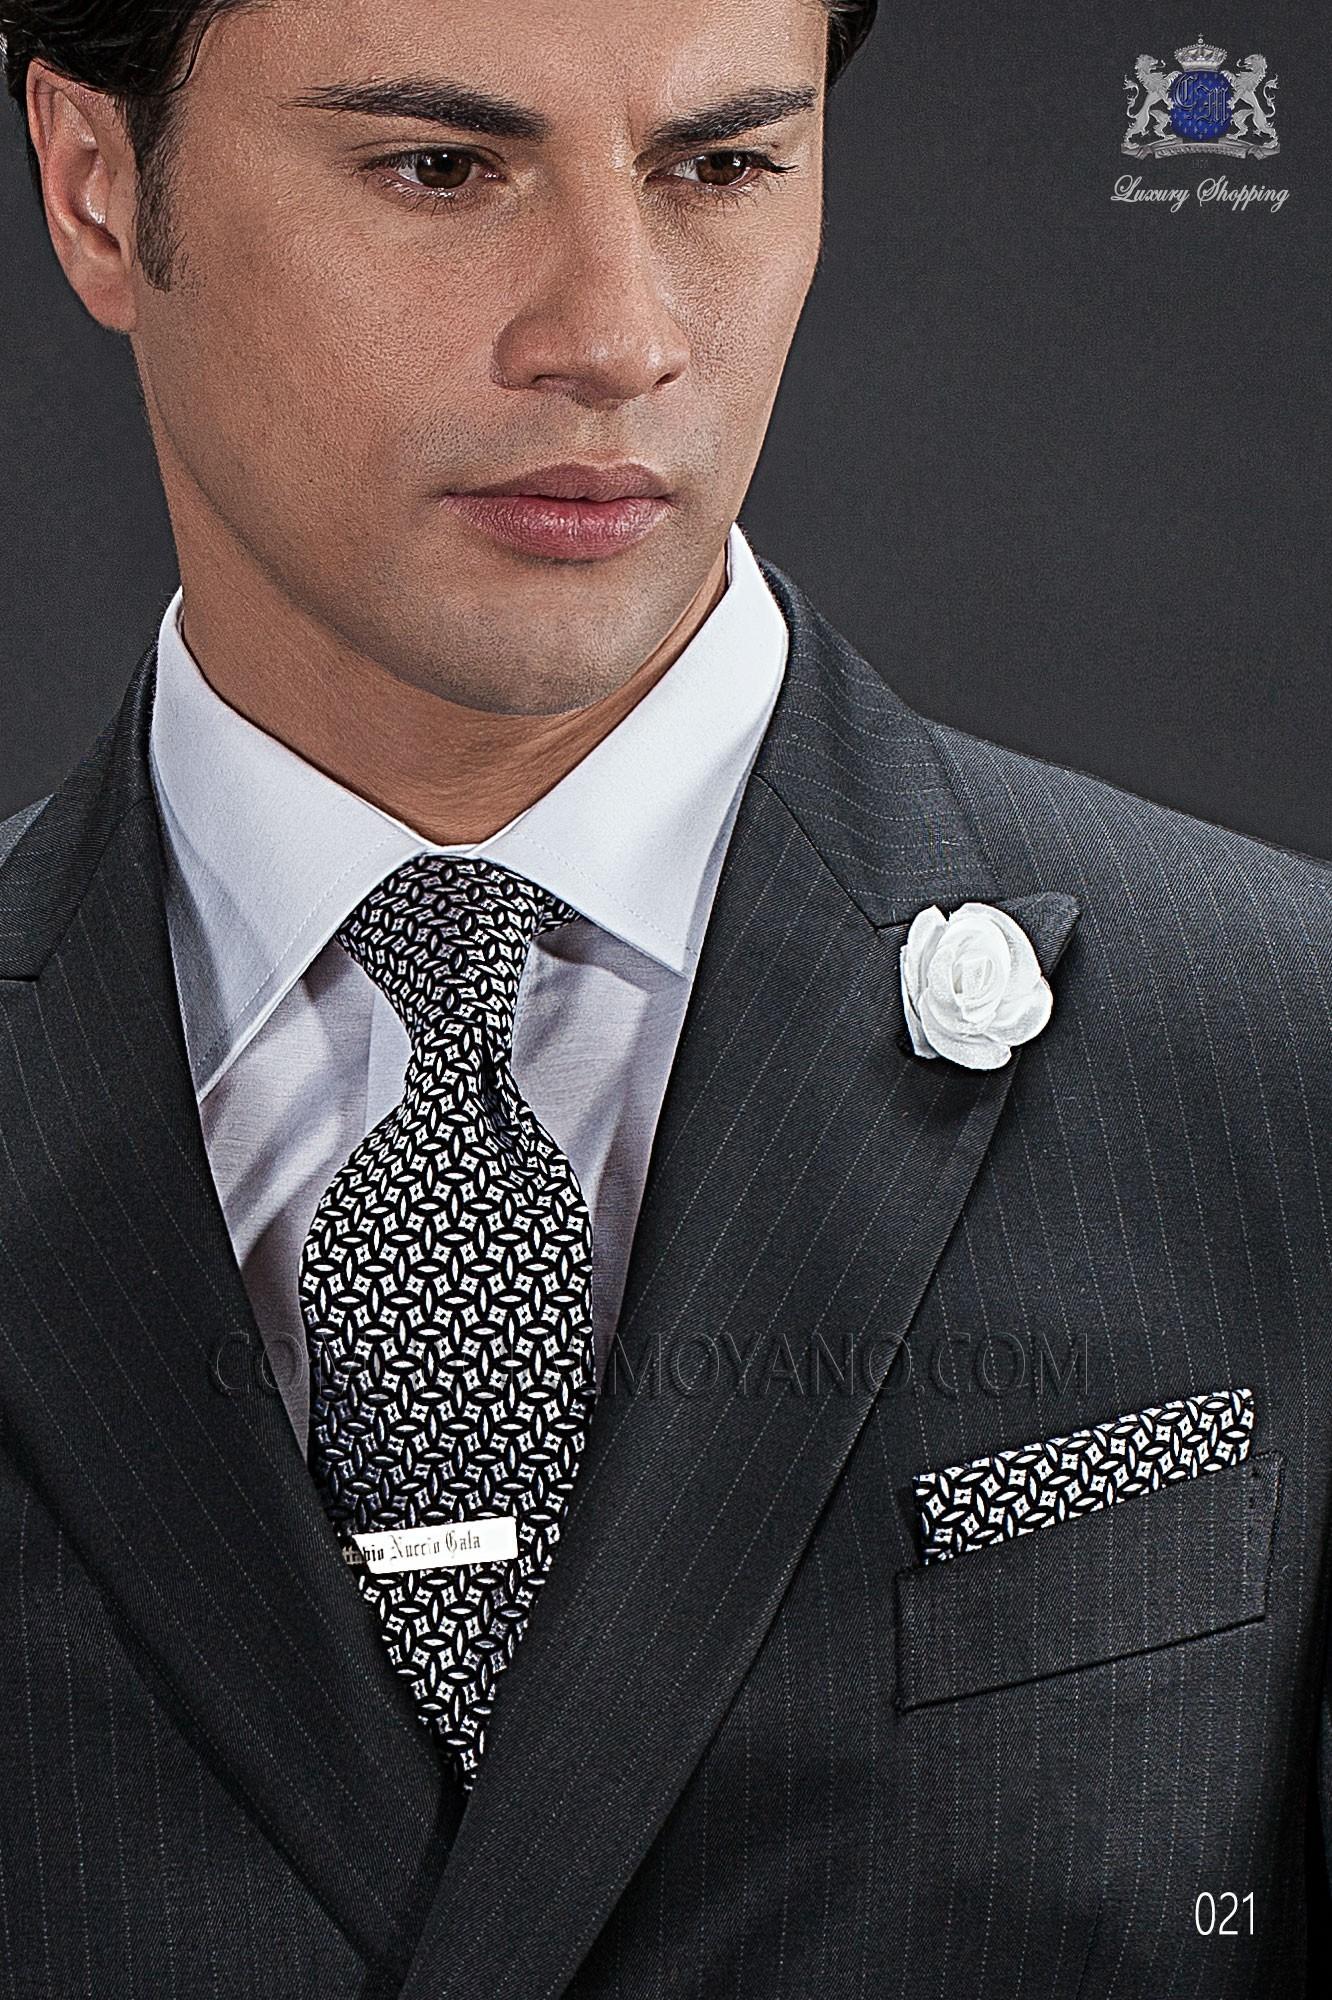 Traje Gentleman de novio negro modelo: 021 Ottavio Nuccio Gala colección Gentleman 2017